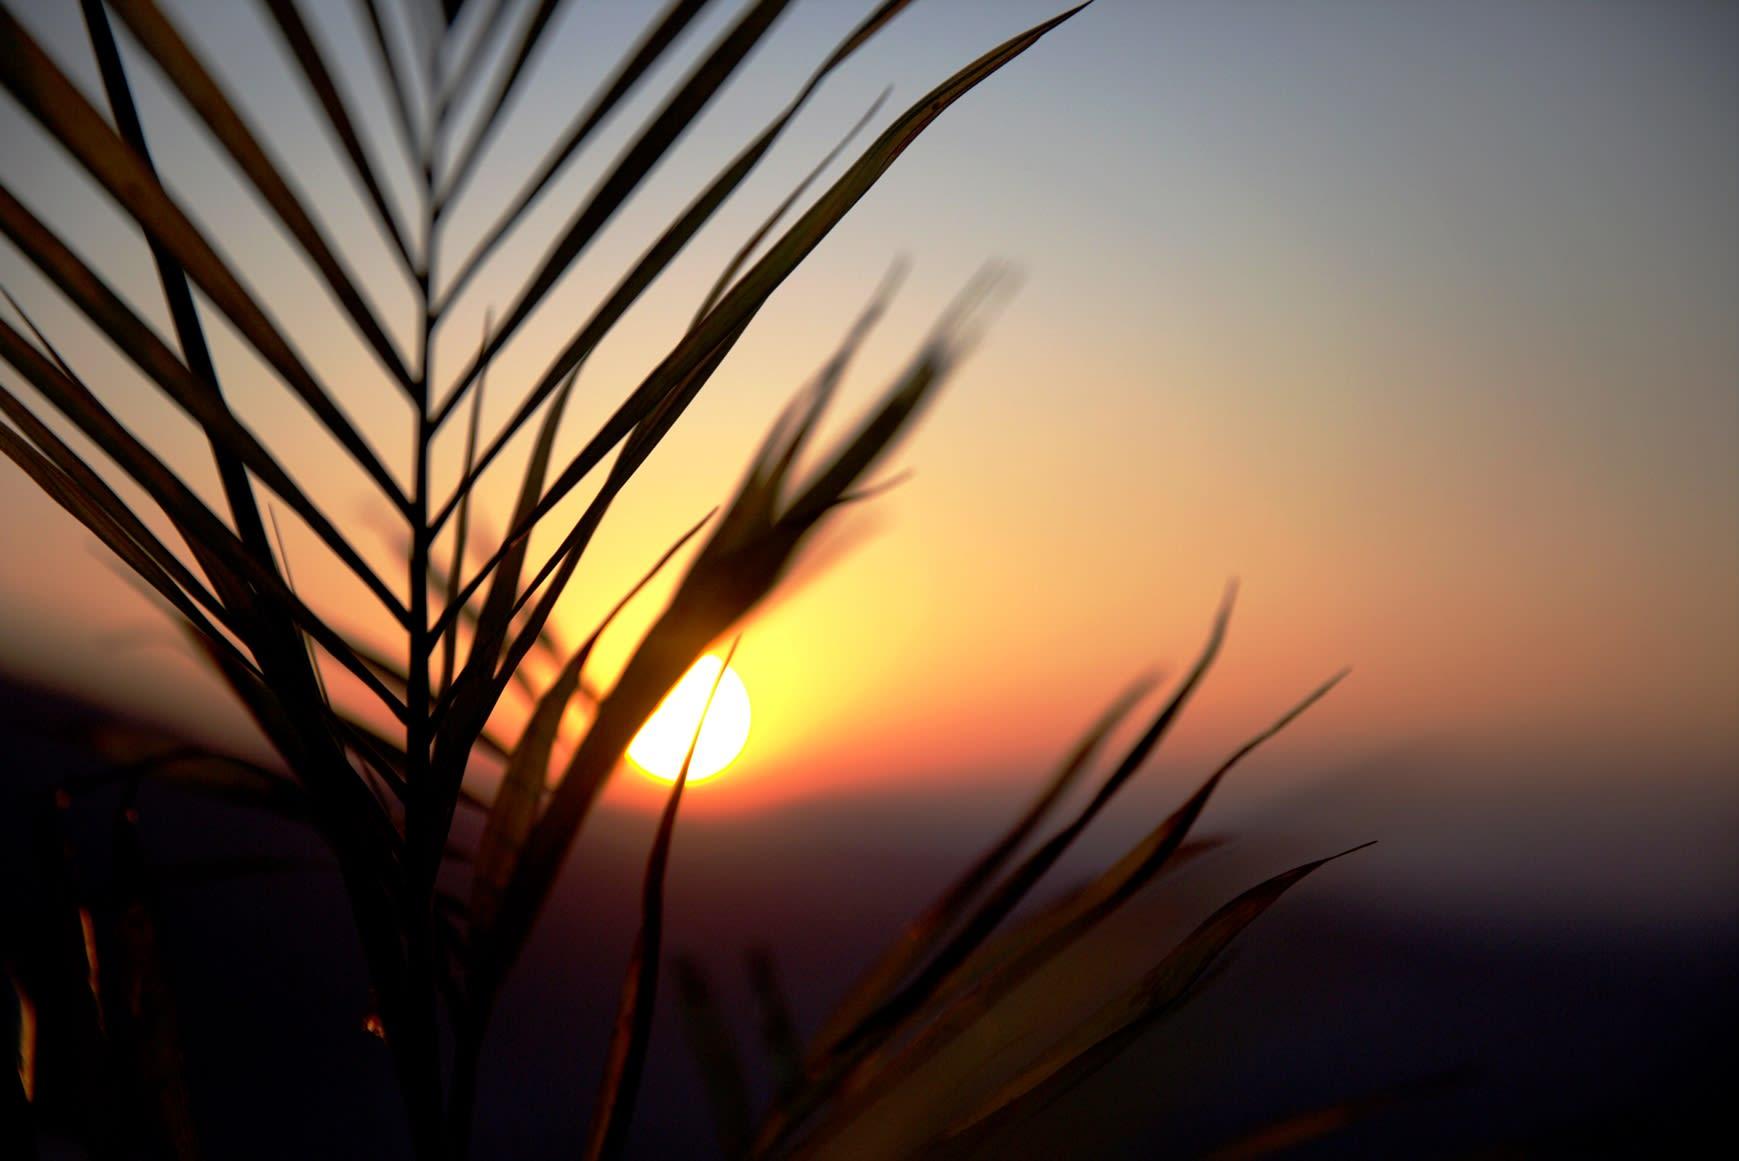 du lịch nepal: đón mặt trời mọc tại himalayan front hotel